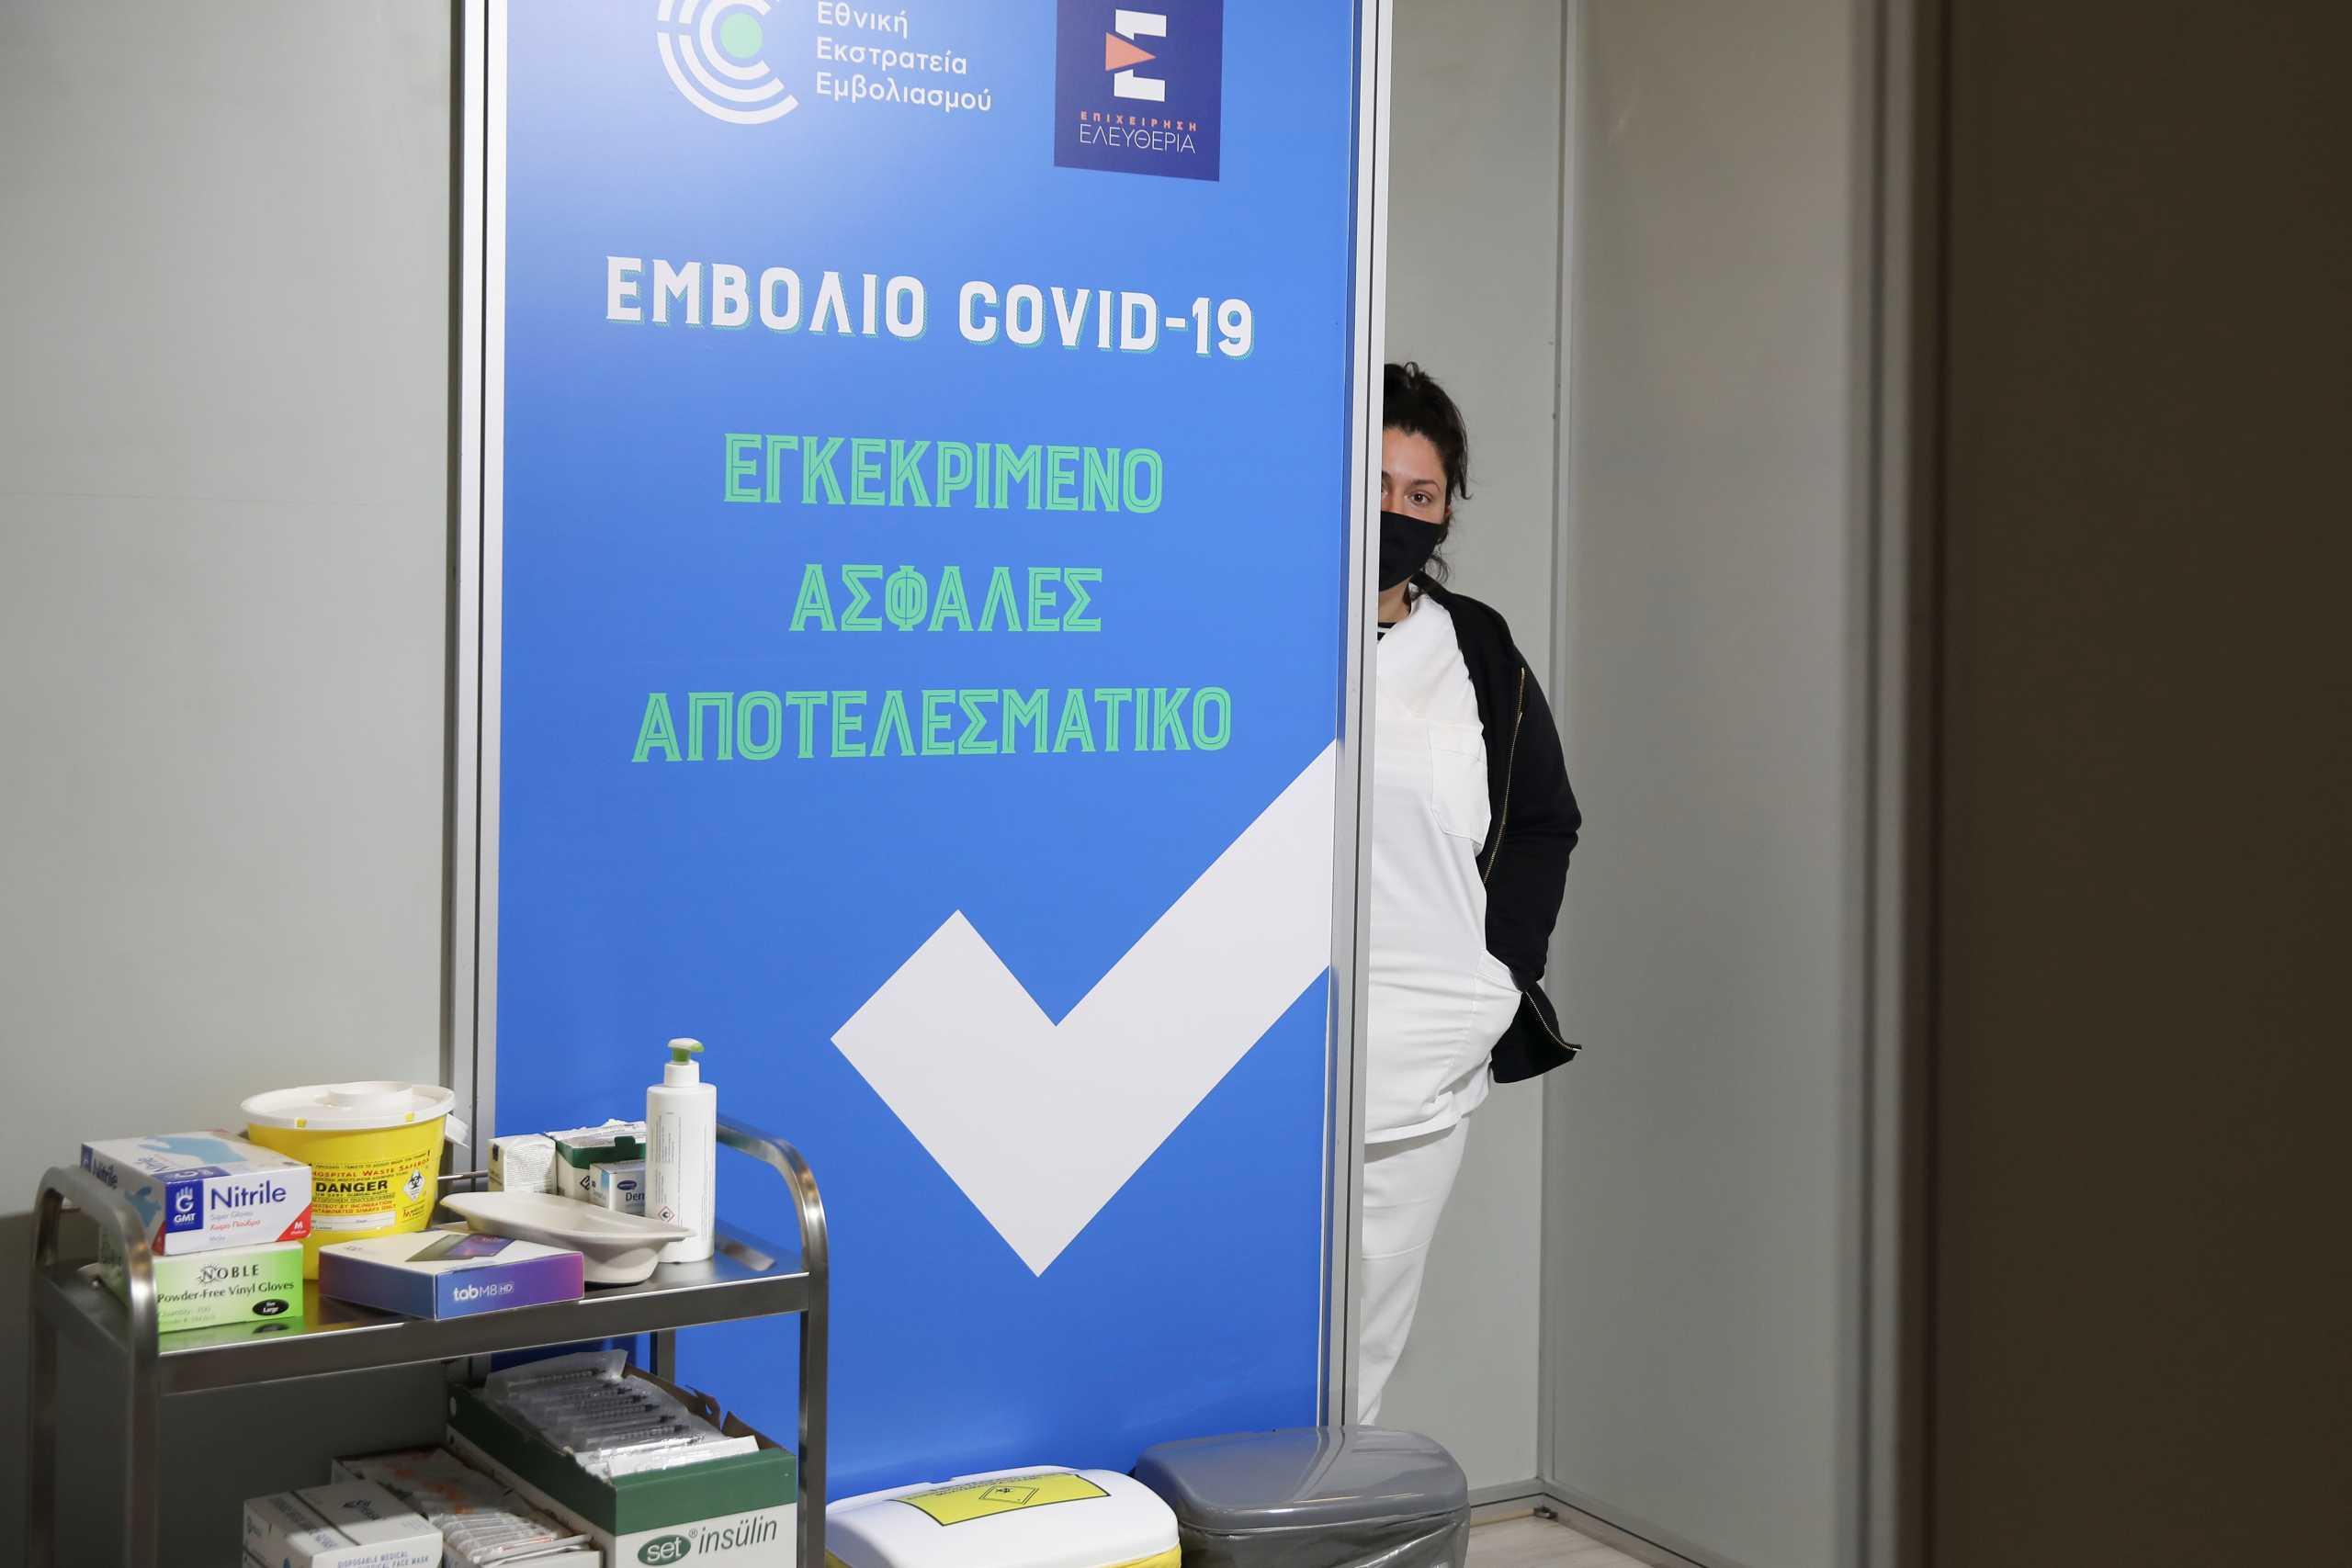 Κορονοϊός: Φορτσάρει η «Ελευθερία» – Το στοιχείο που επιβεβαιώνει την αποτελεσματικότητα των εμβολιασμών και δίνει ελπίδα